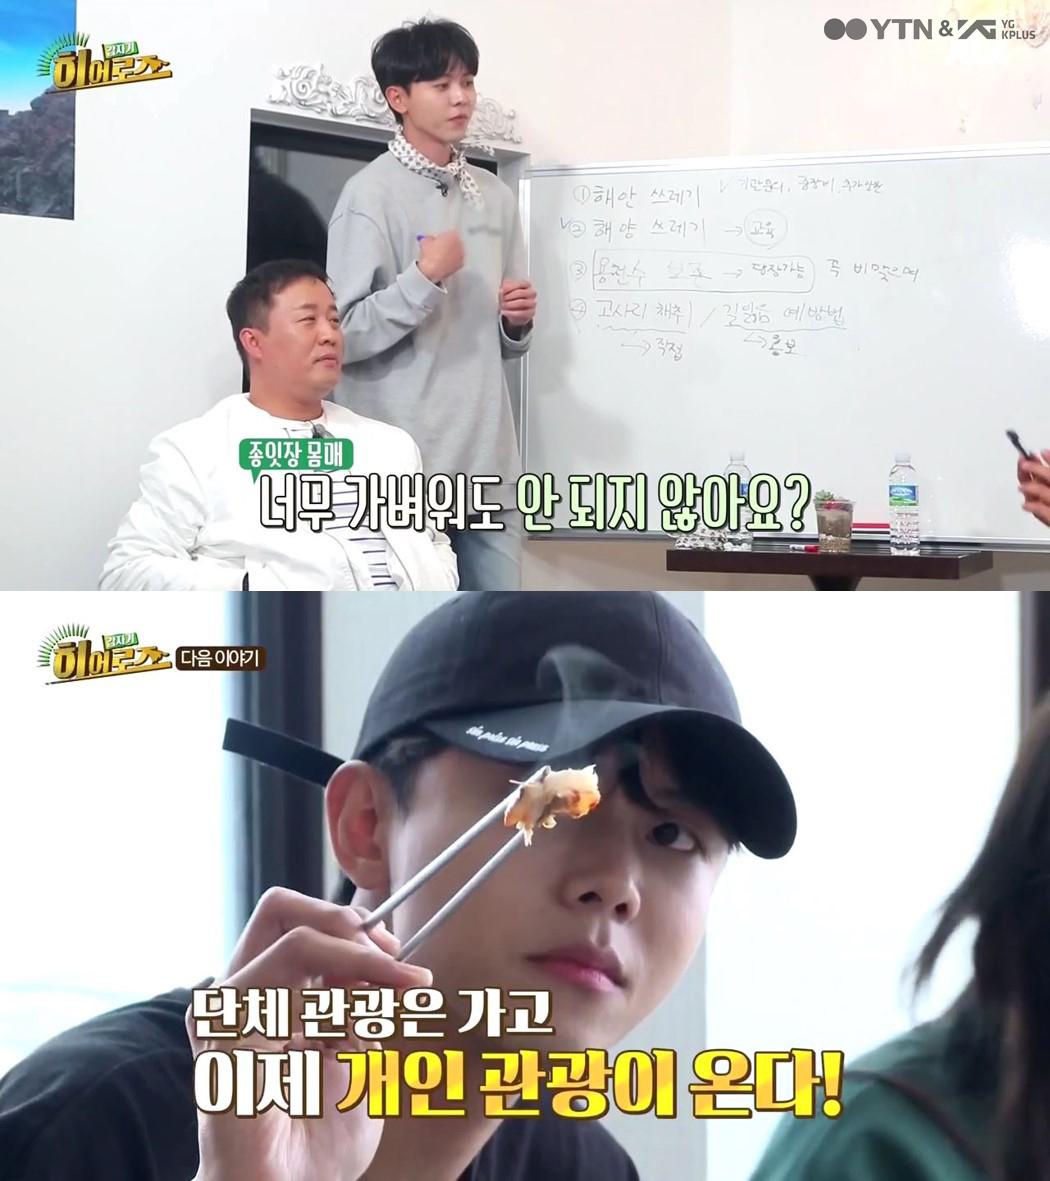 '갑자기 히어로즈' 주우재, 예능 최적화 캐릭터 입증